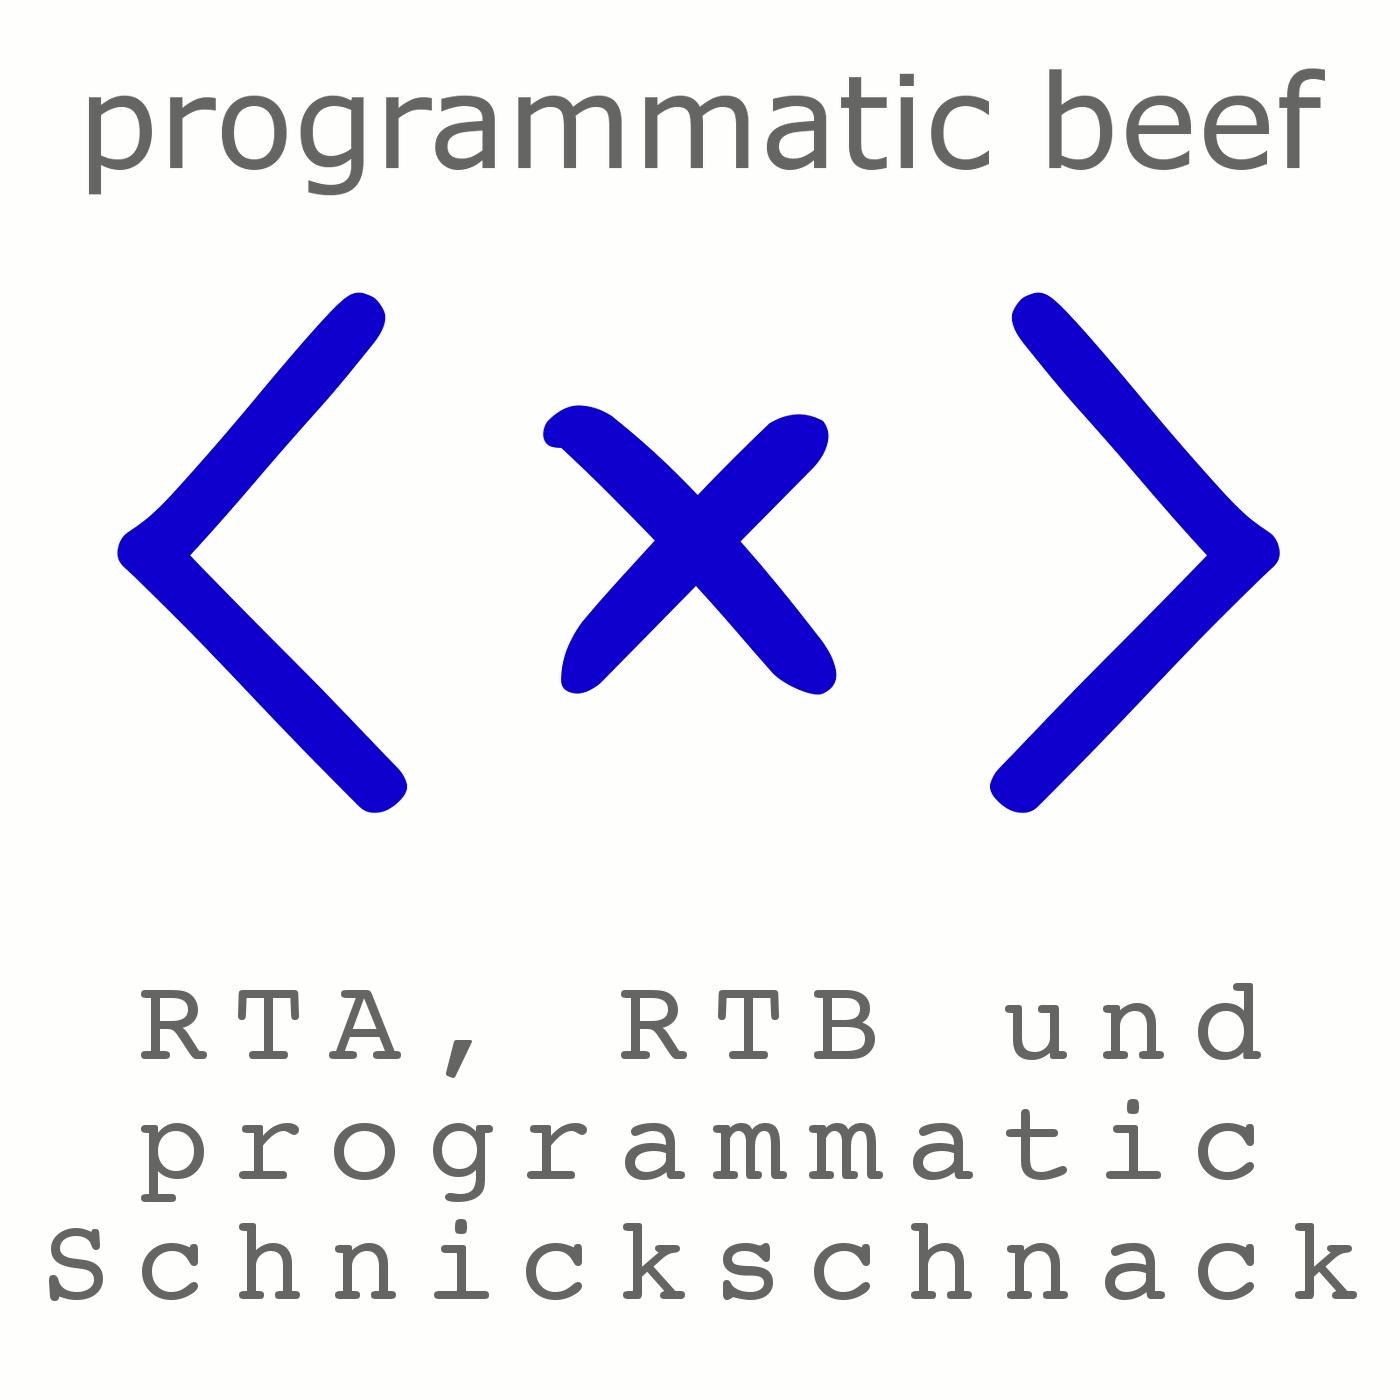 programmatic beef - der Podcast zu RTA, RTB und programmatic Schnickschnack